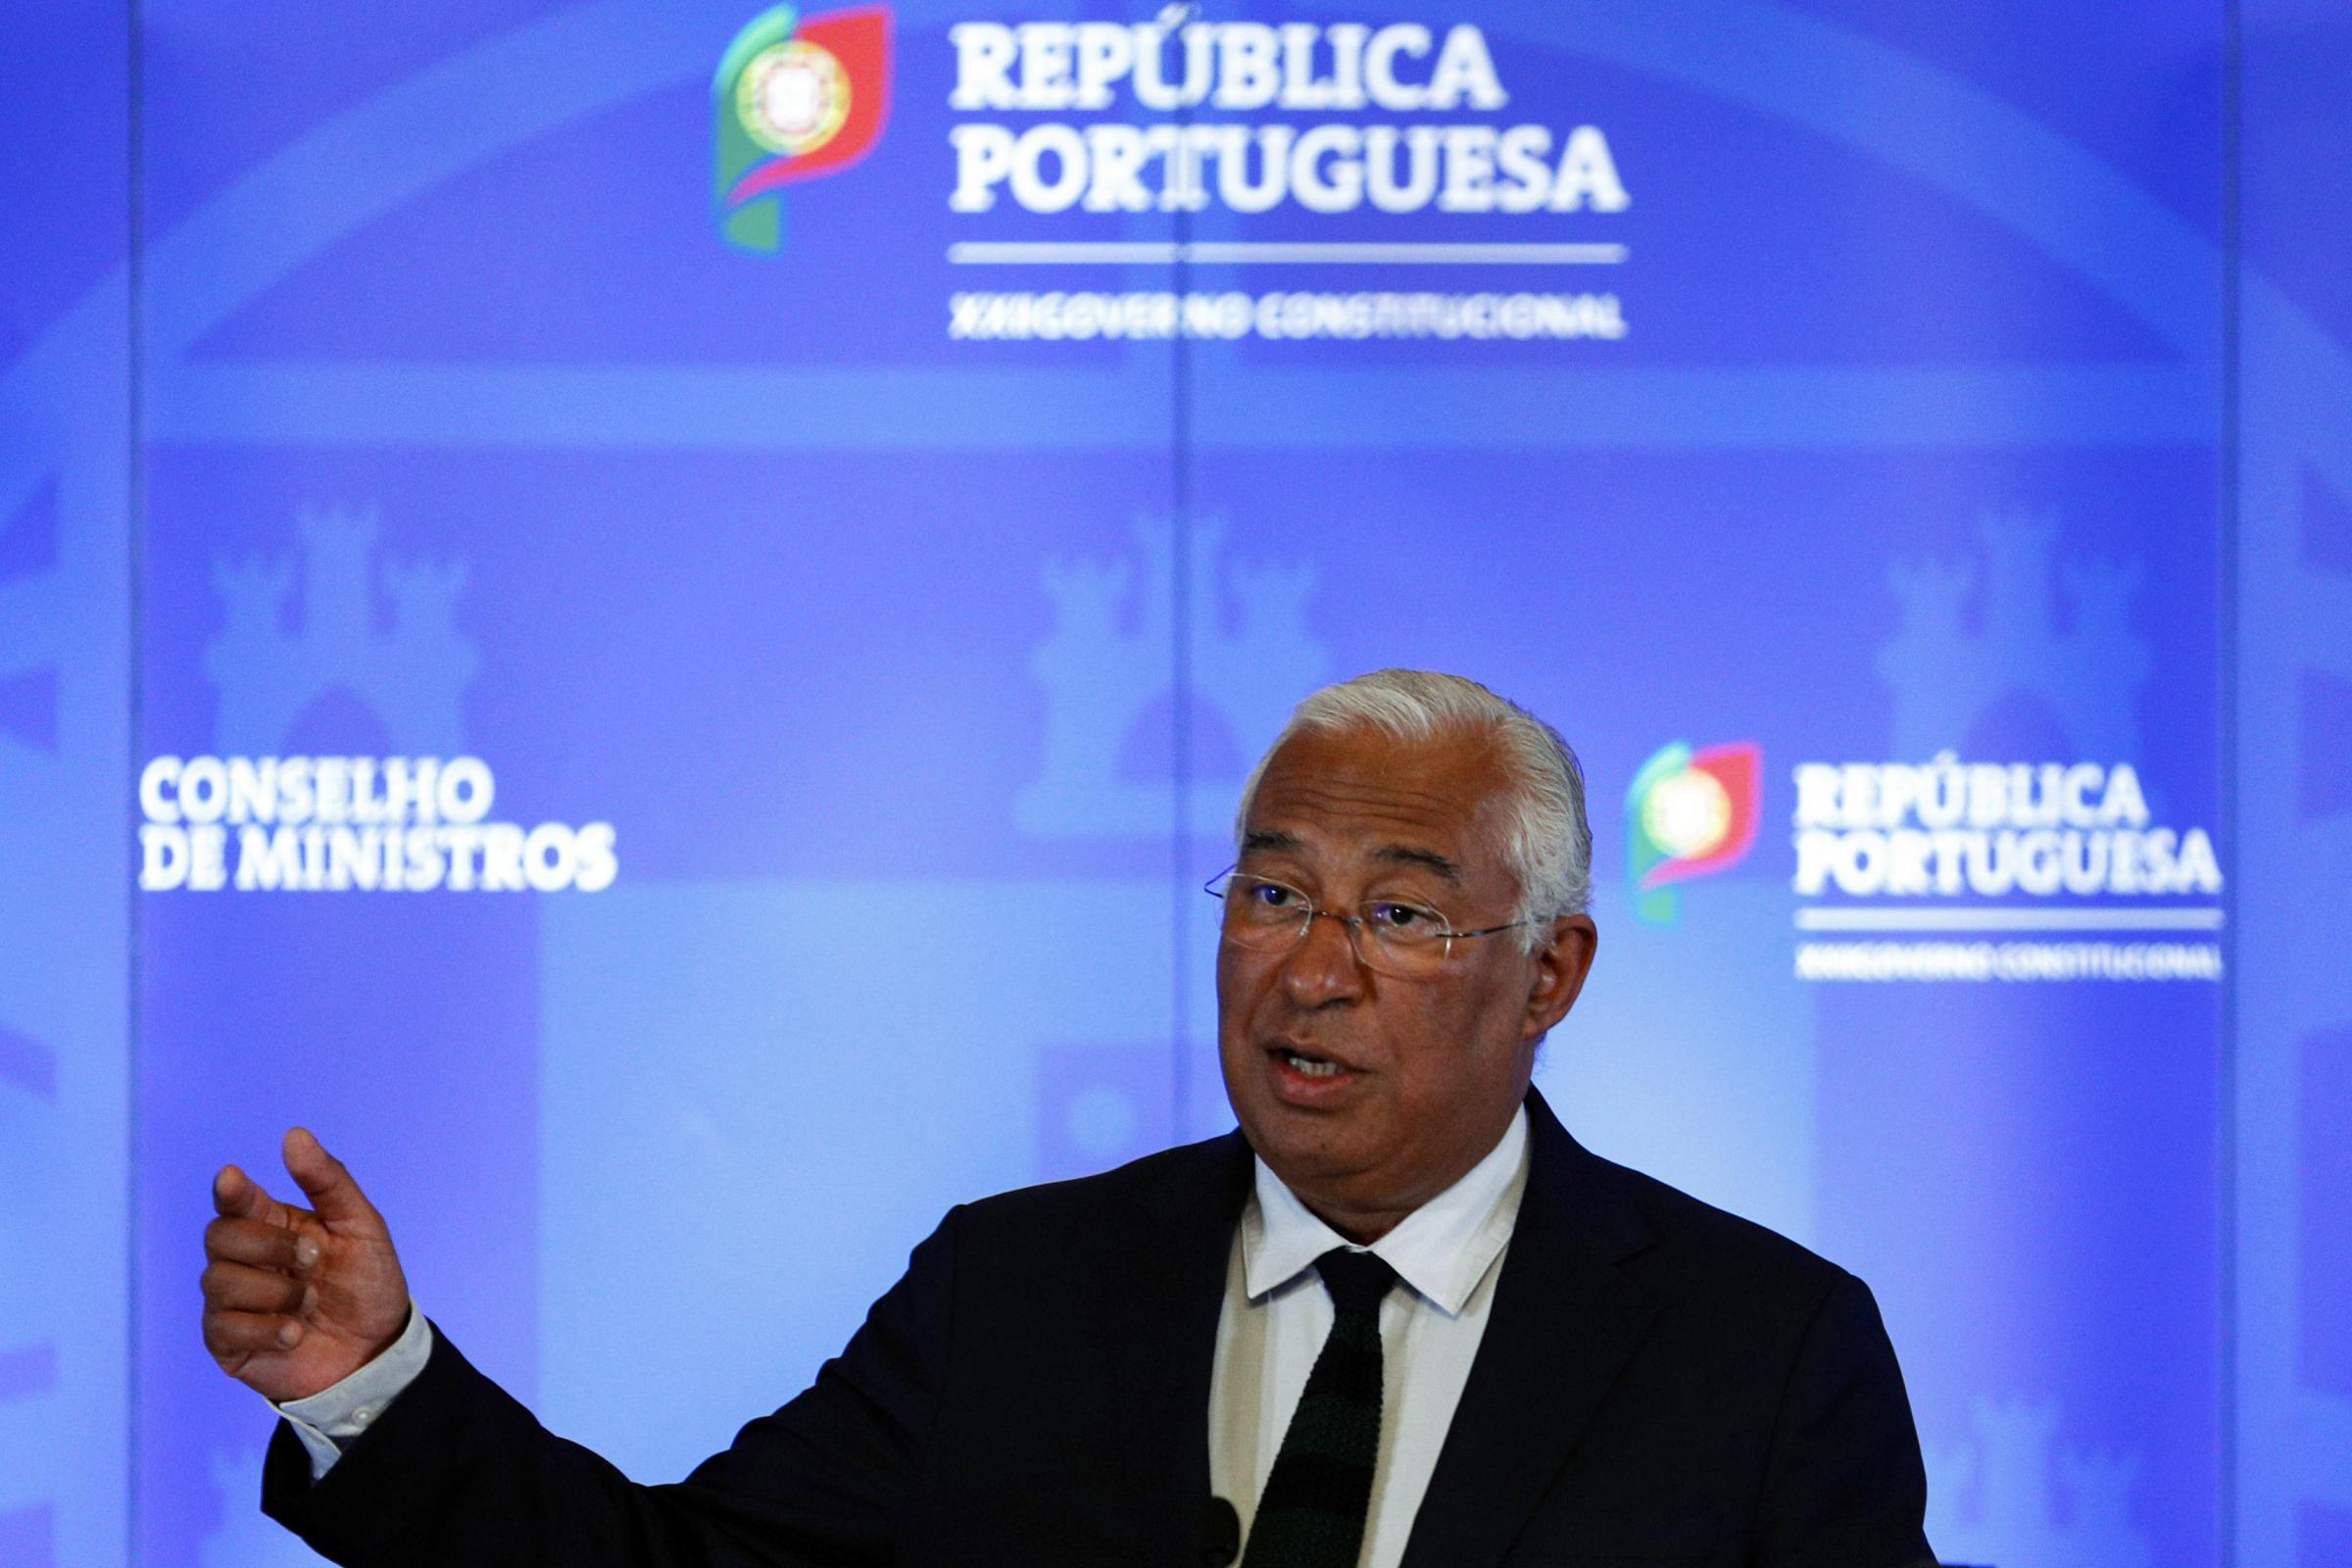 Covid Portogallo: da martedì limiti più restrittivi